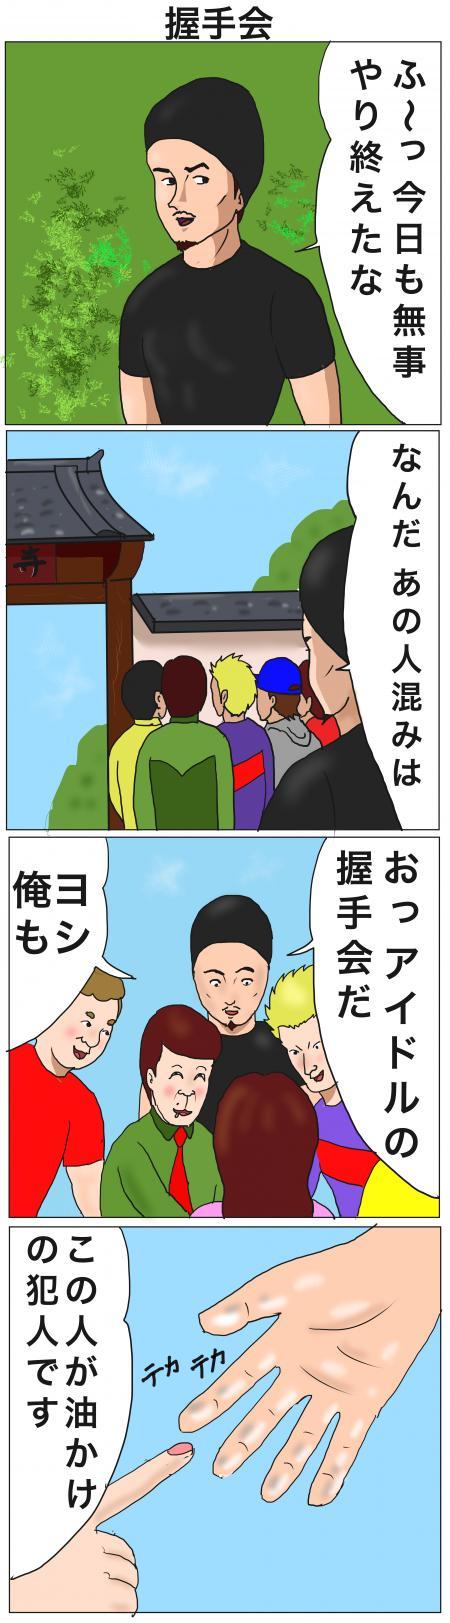 握手会+のコピー_convert_20150429070924